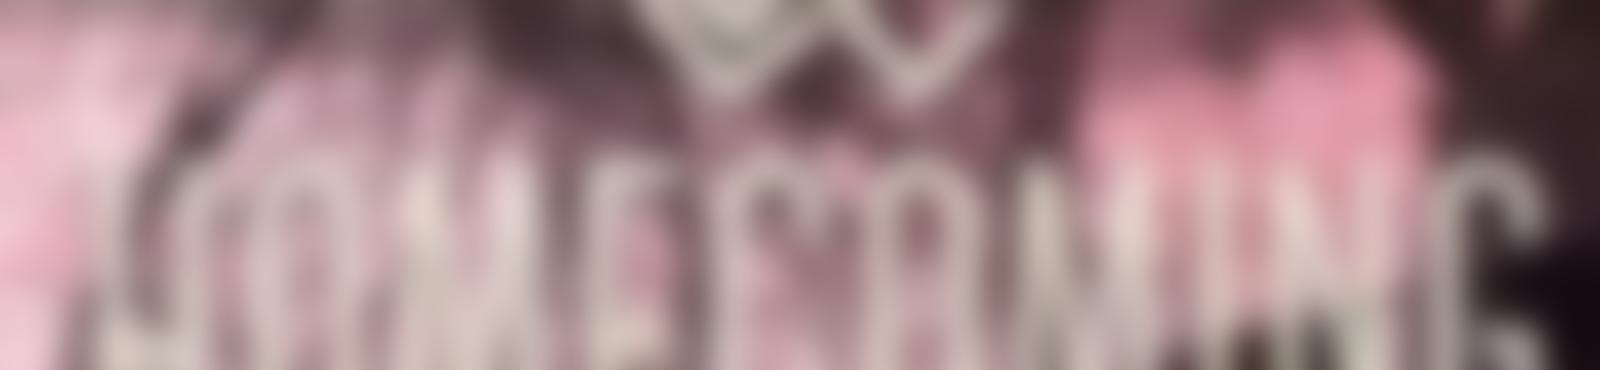 Blurred 500e462e 82b7 44f4 b9c4 f469513a353e